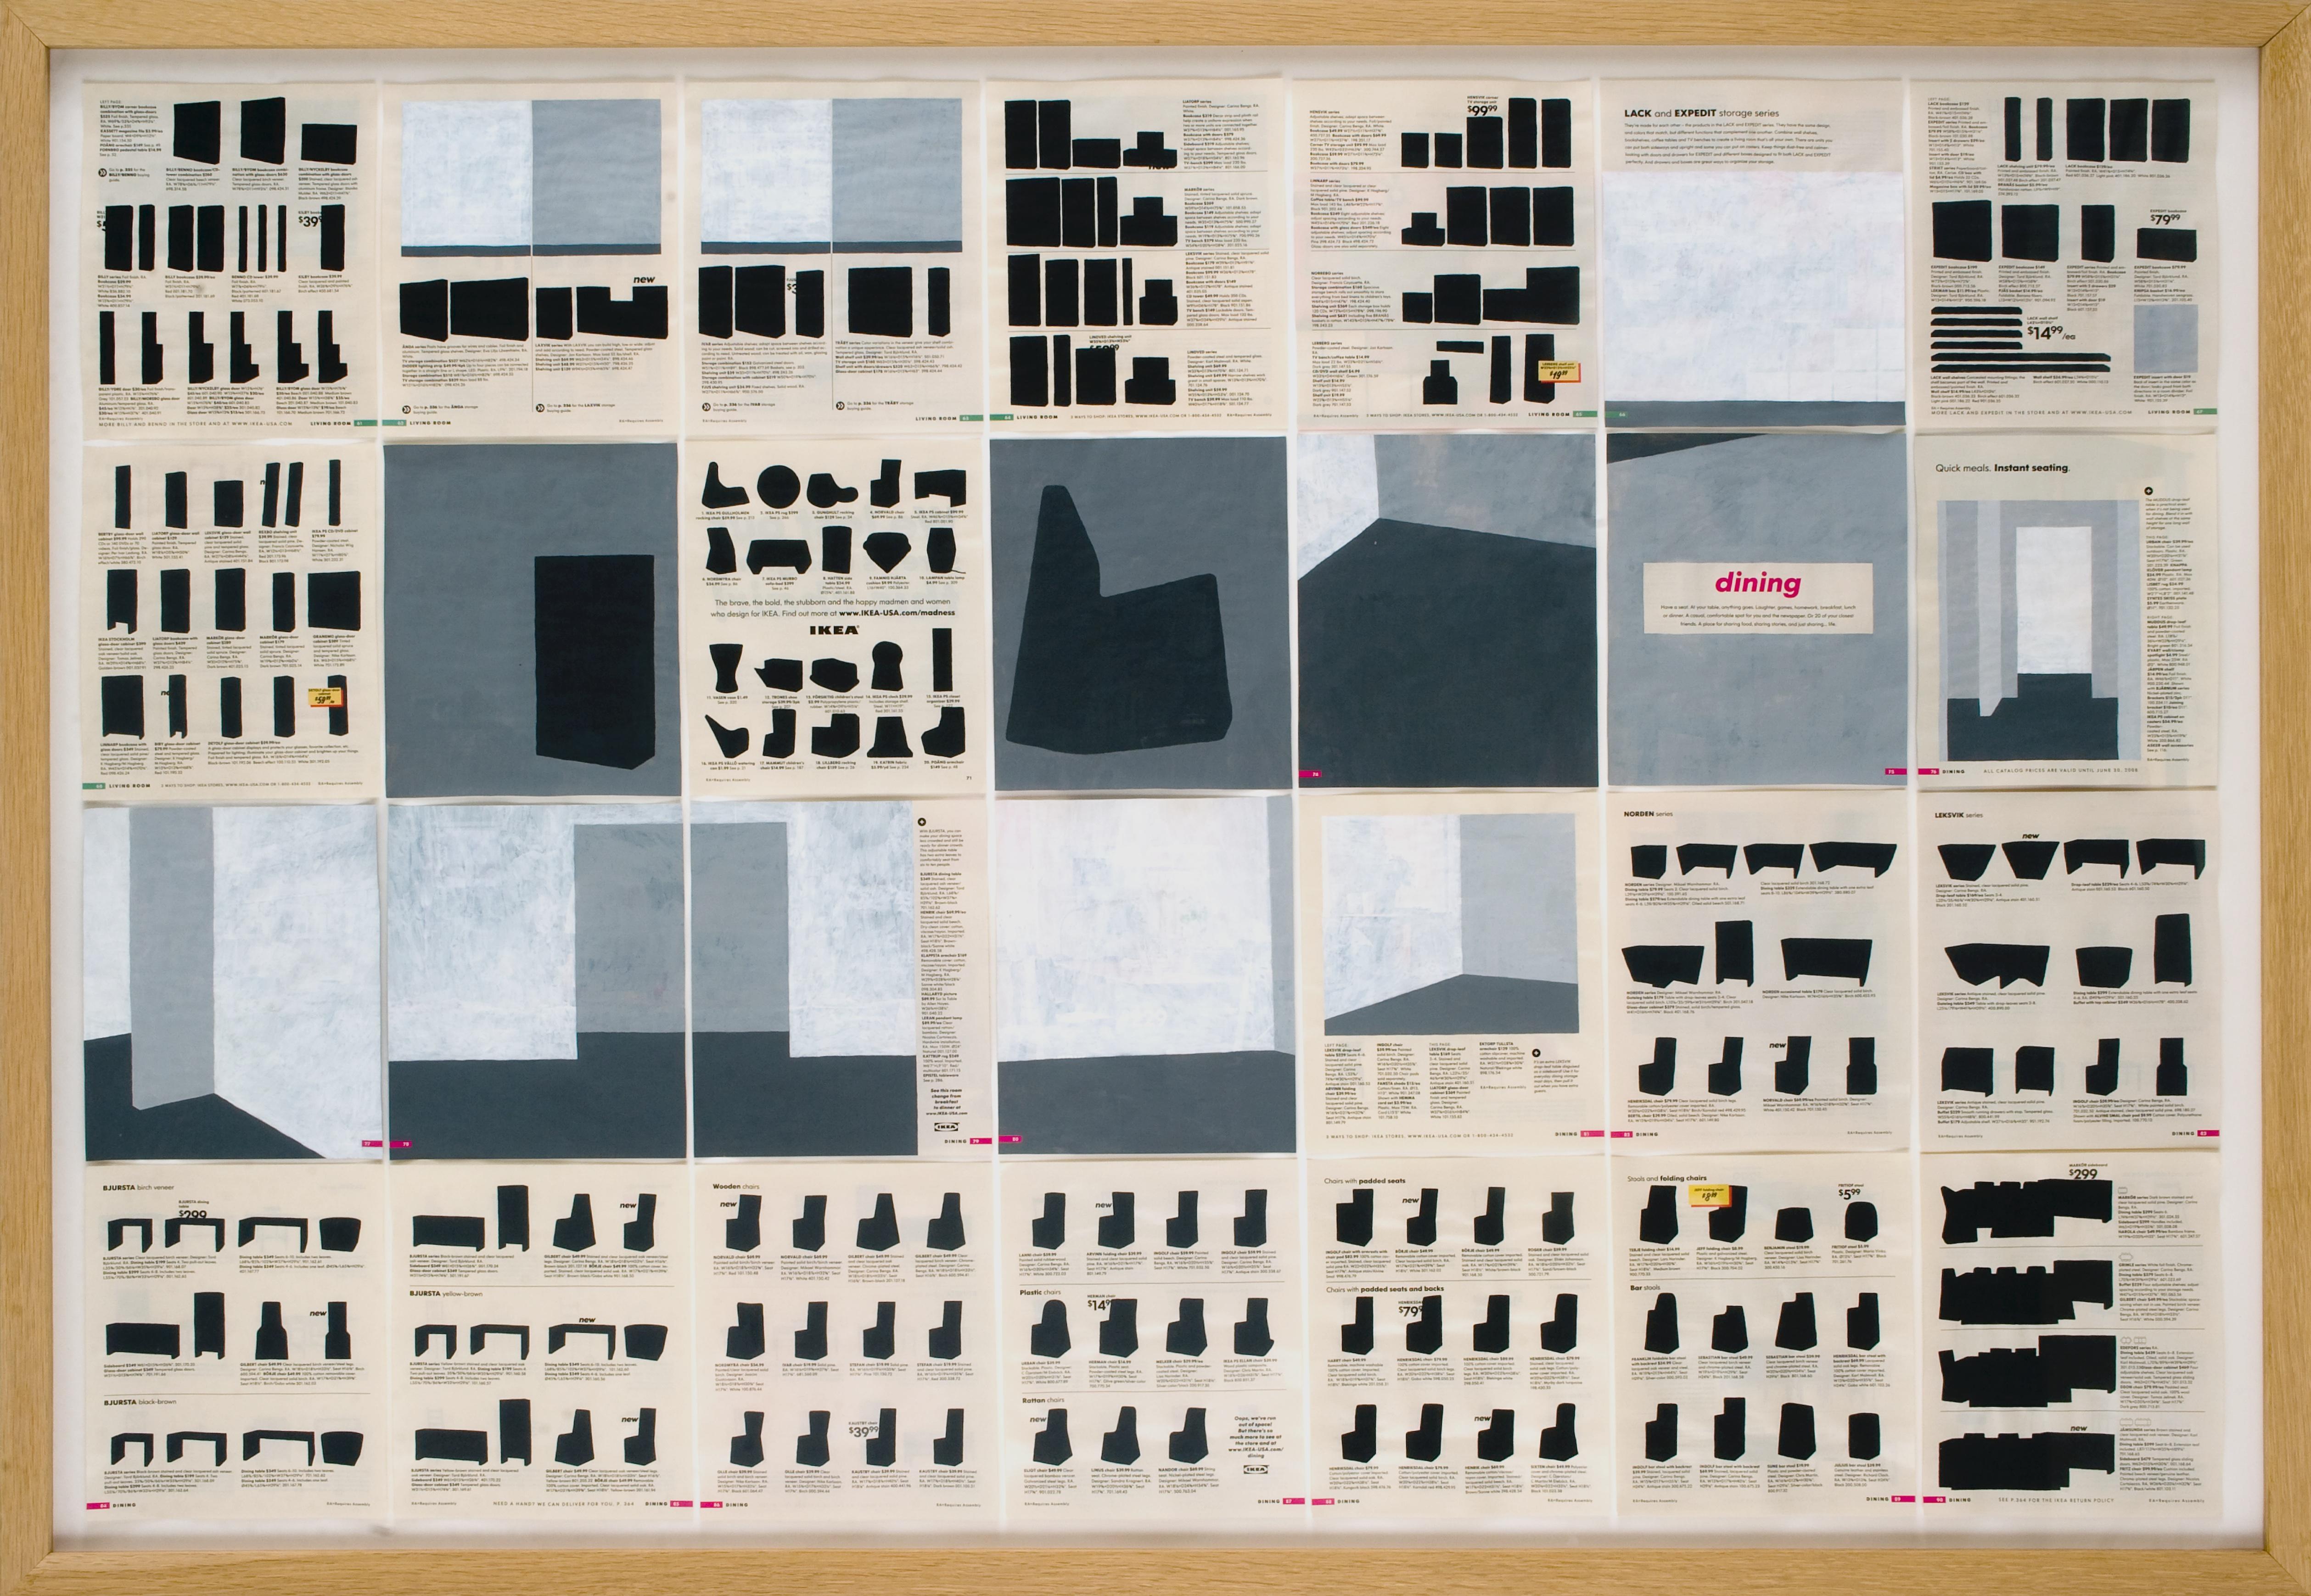 Jochen Gerner, n°3, Dining, 2008, Série Home, Acrylique sur papier imprimé, 100 x 144 cm avec cadre, courtesy galerie anne barrault